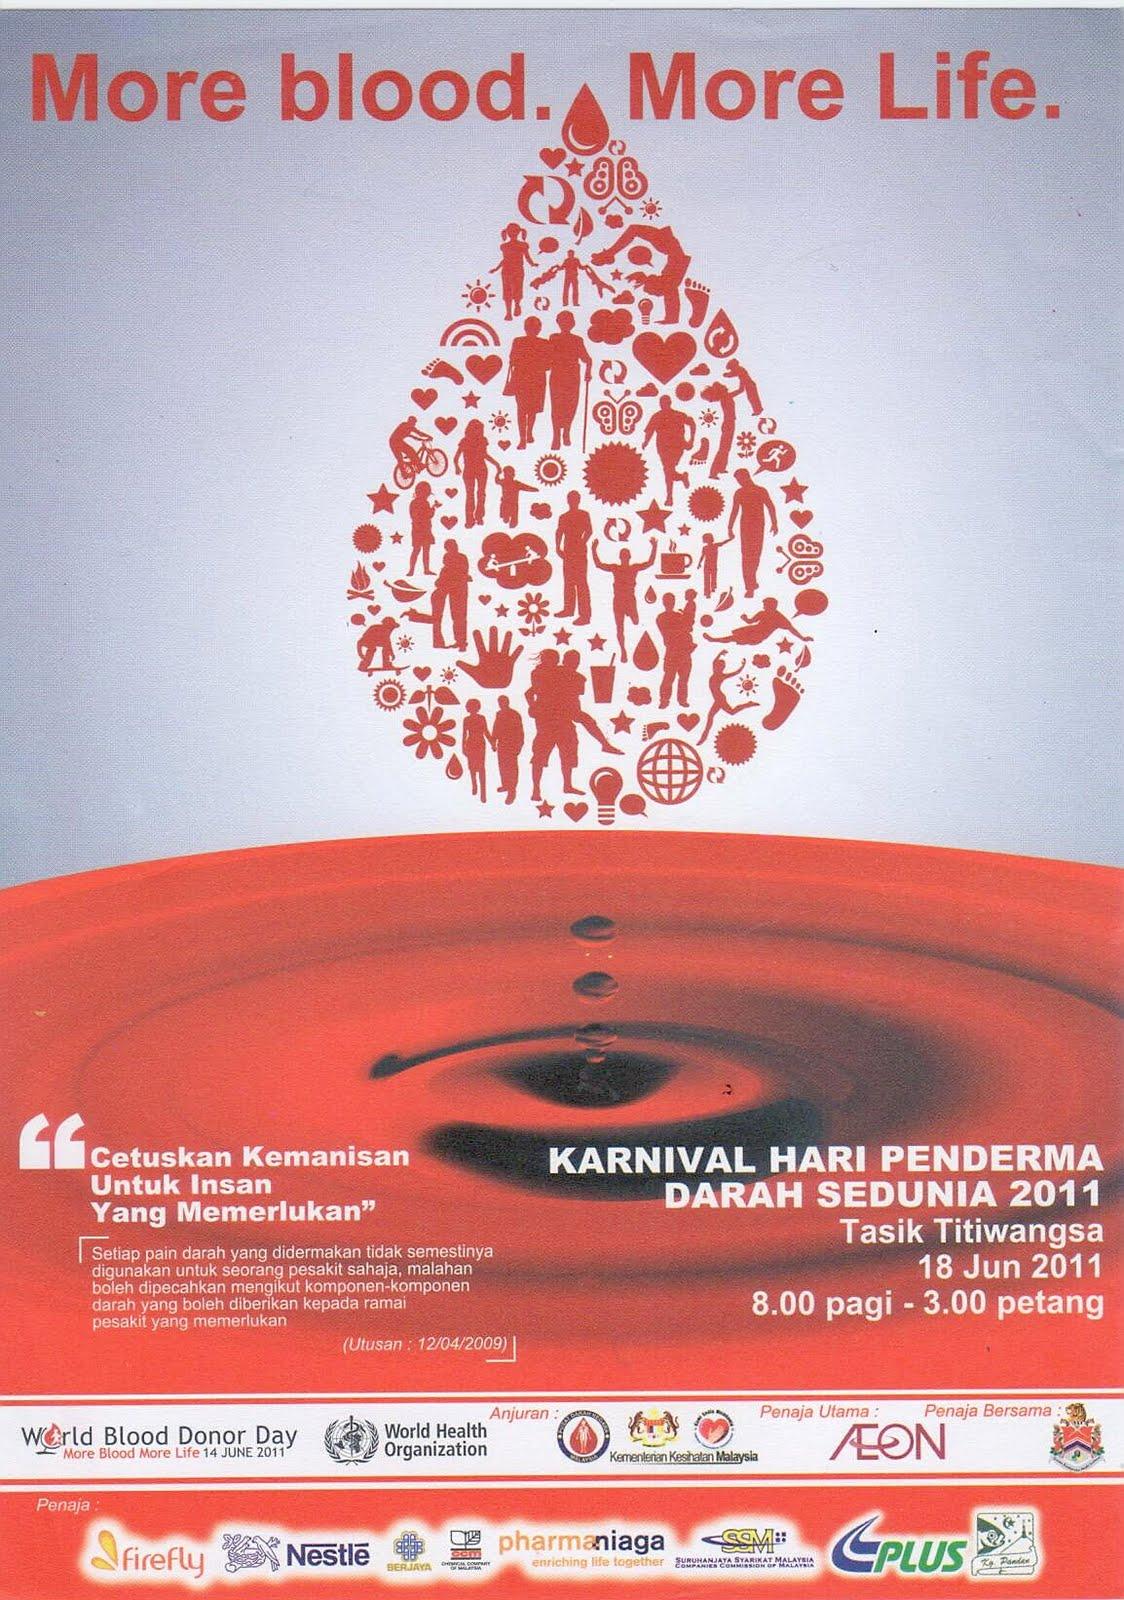 banner karnival pnderma 18 jun 2011